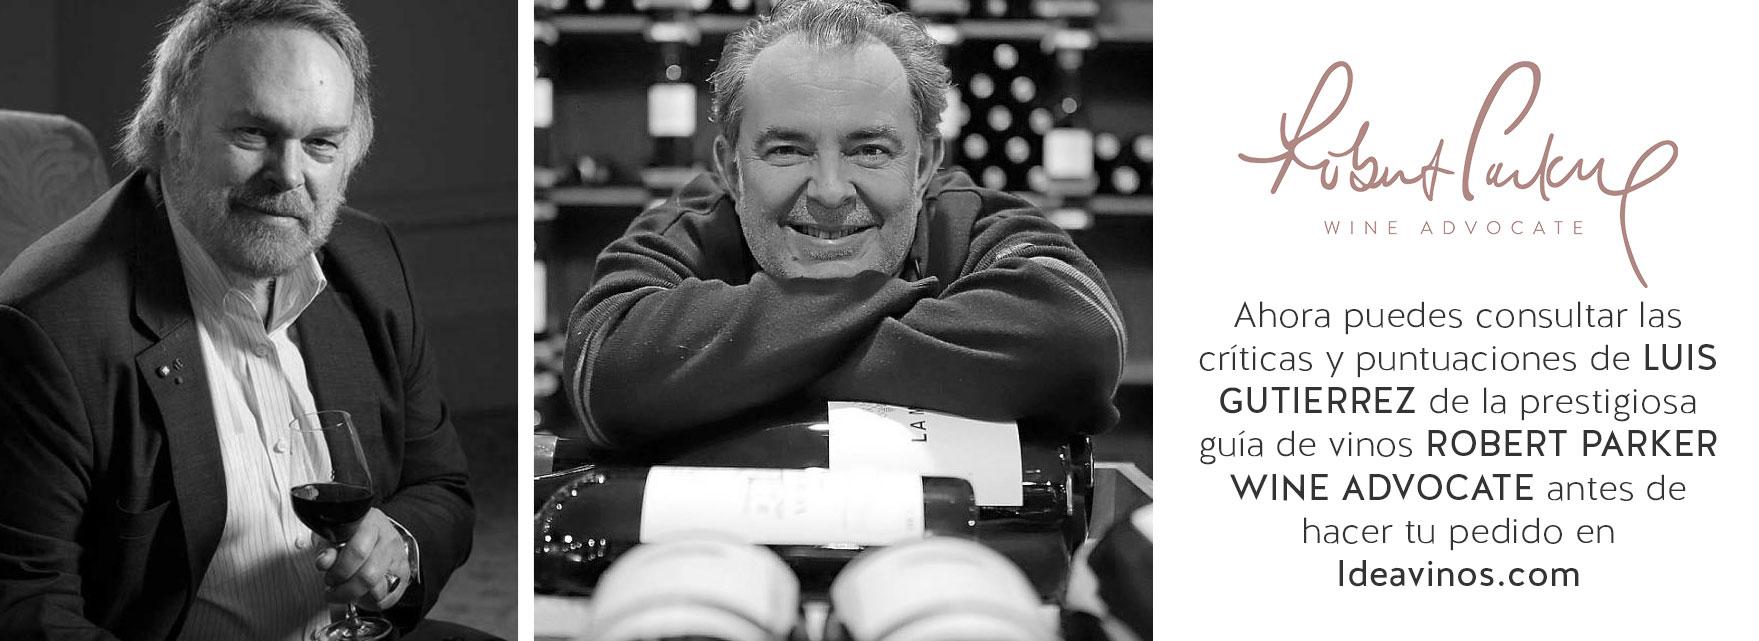 Criticas y puntuaciones de vino Robert Parker